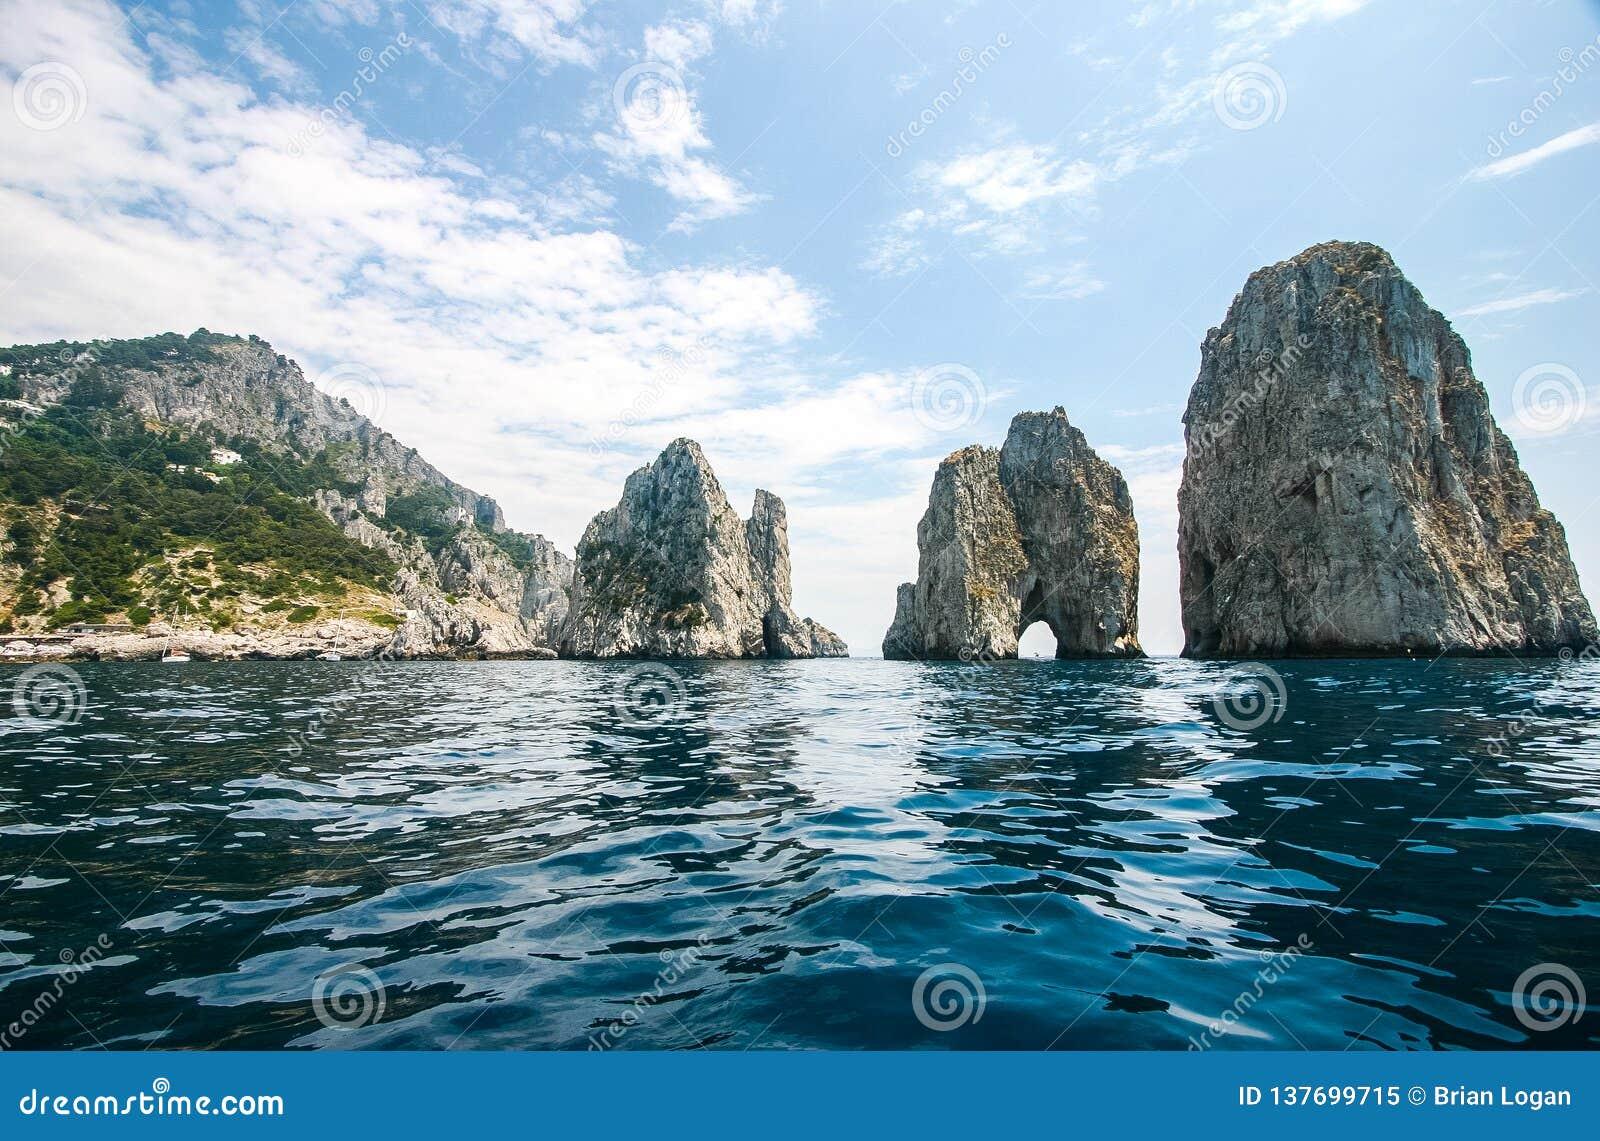 Capri, Italy - Faraglioni